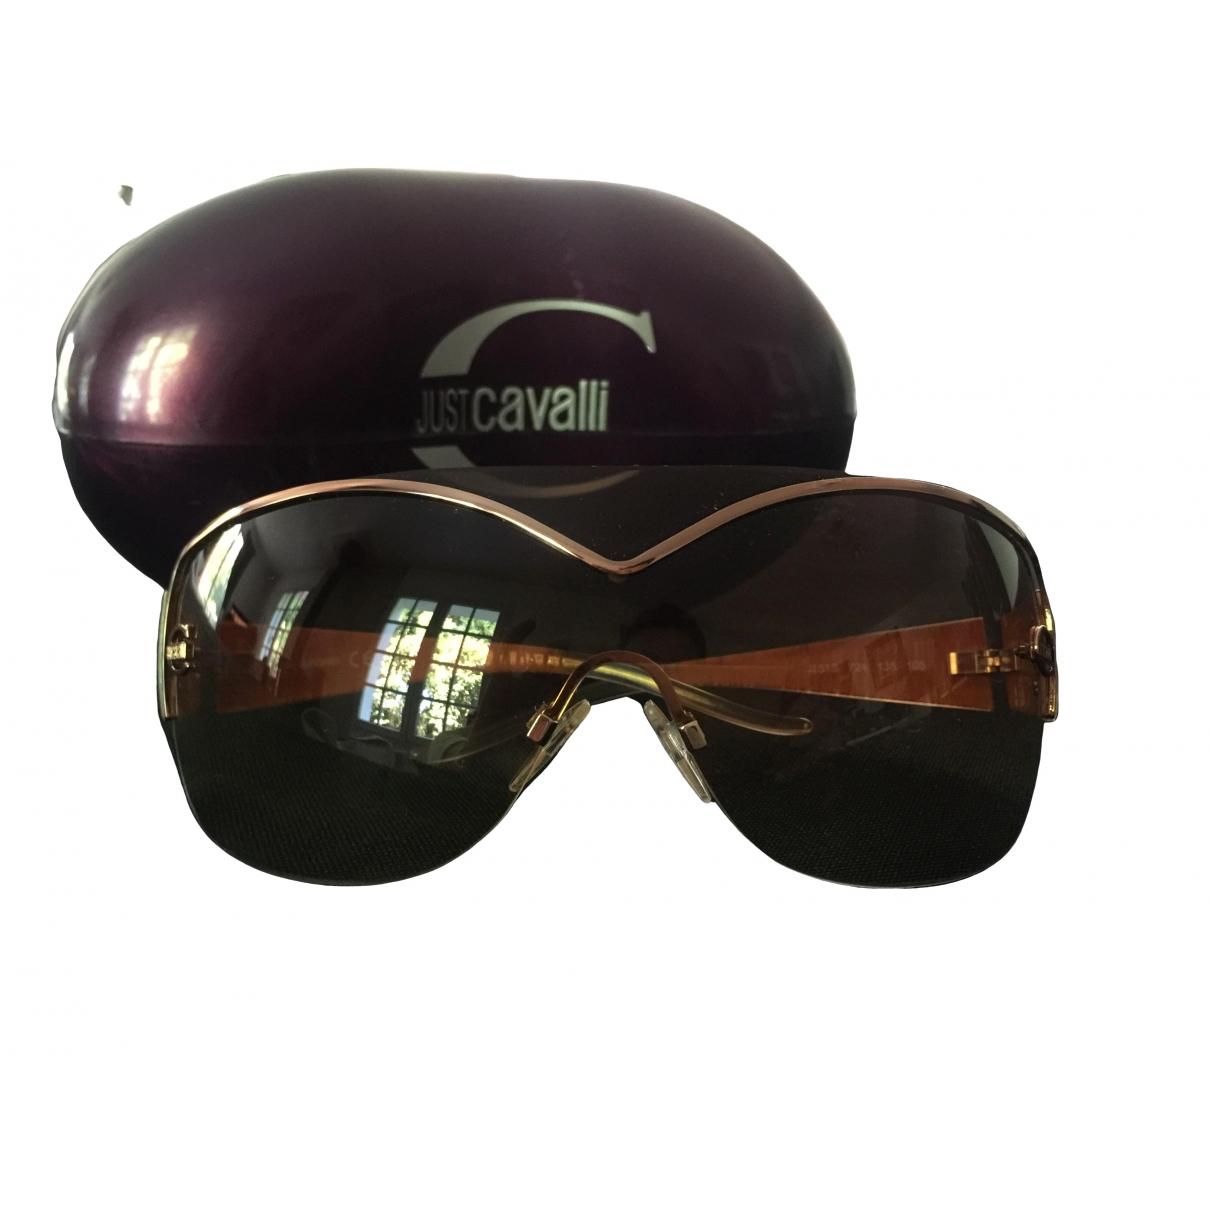 Gafas mascara Just Cavalli